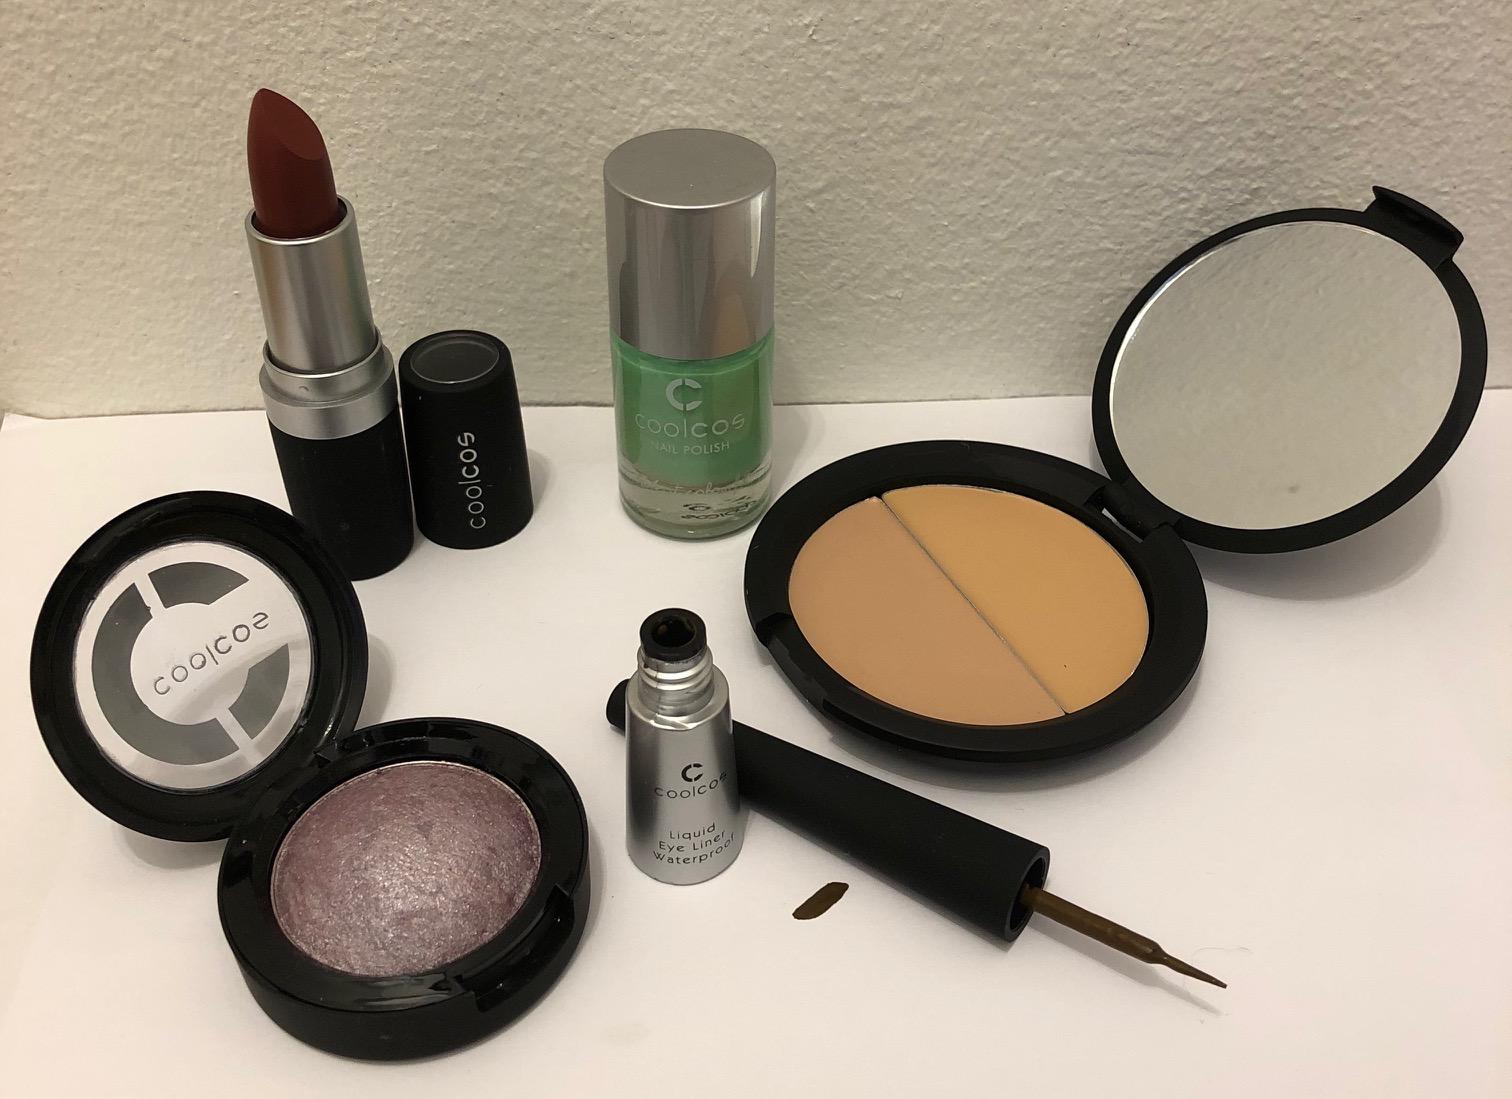 Vareparti makeup fra Coolcos uden parabener